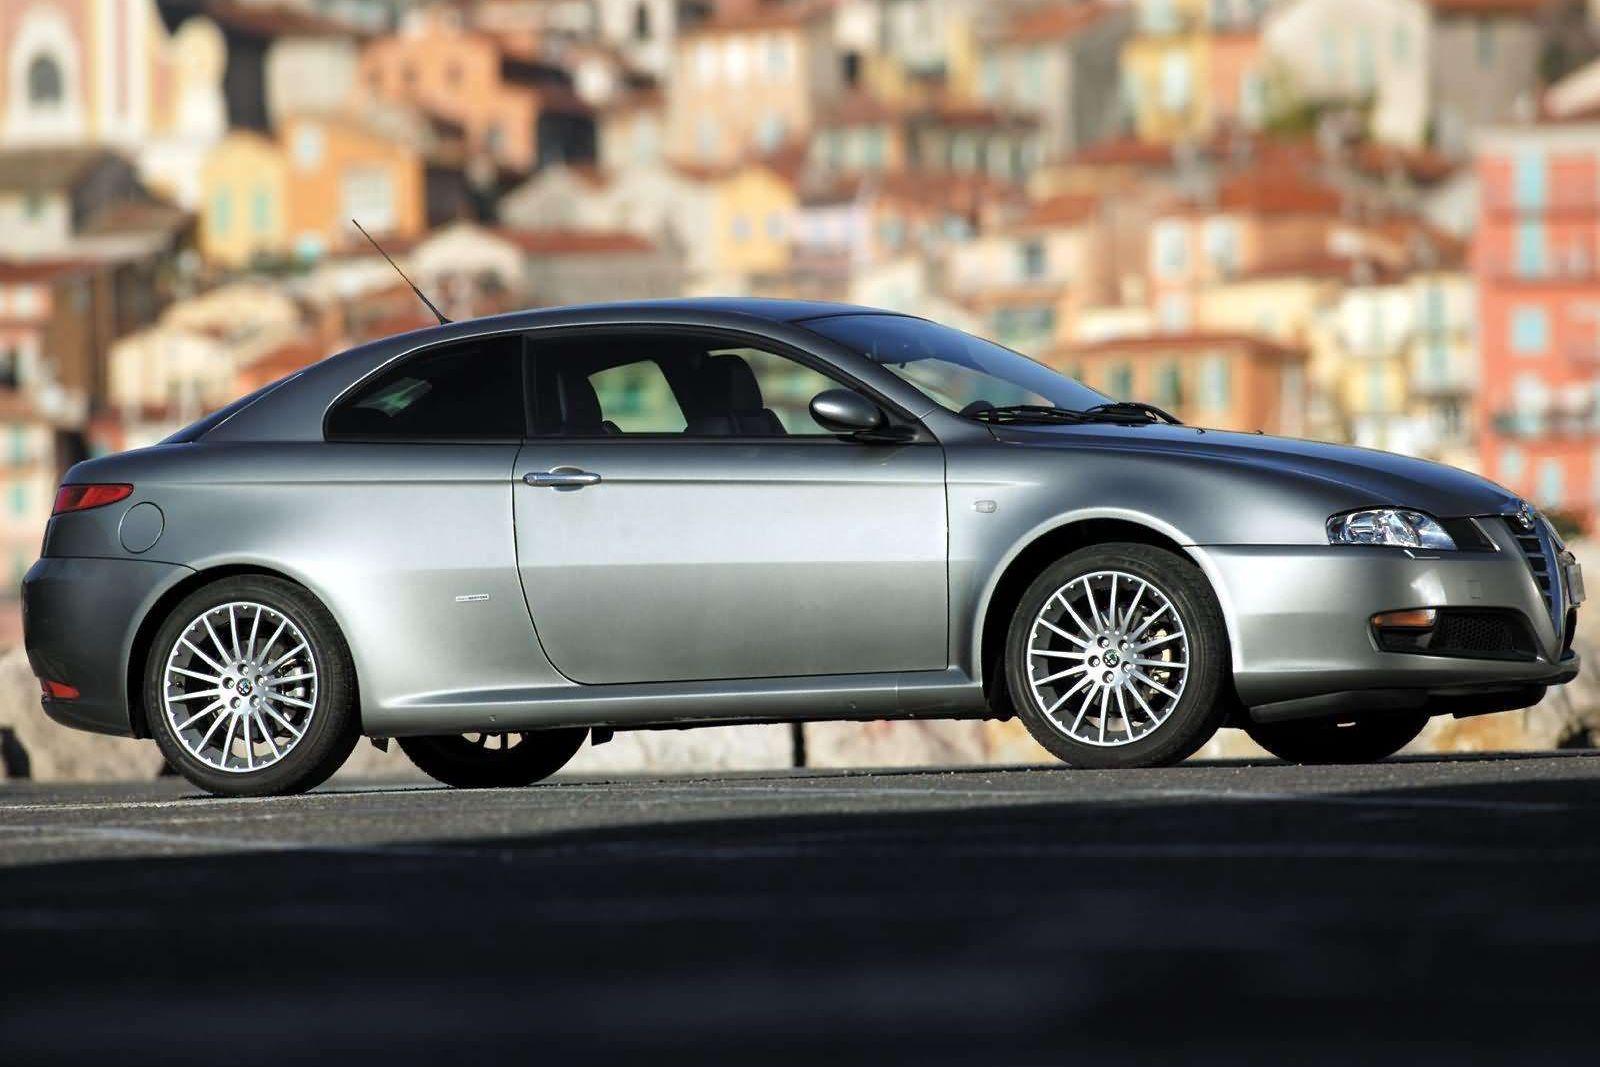 Másfél millió forintért már egészen izgalmas autókat kaphatunk 6afe45226e